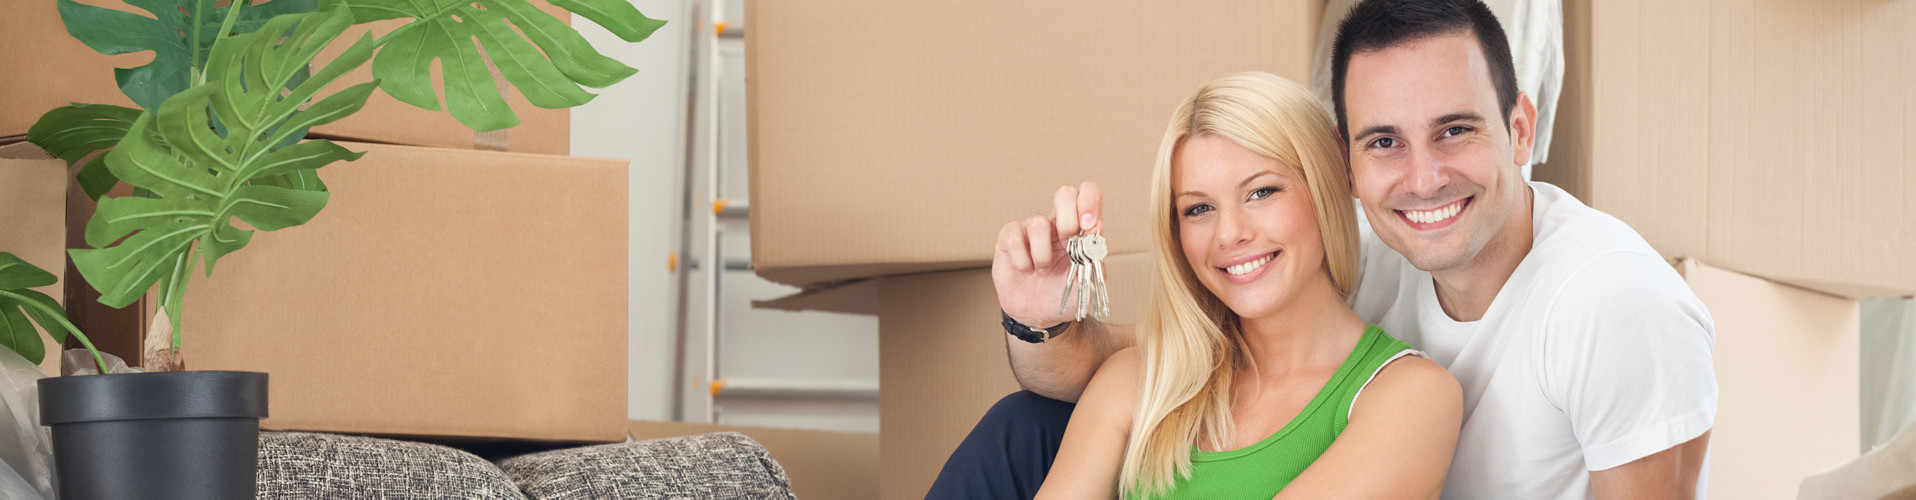 Junges Paar sitzt am Boden seiner neuen Wohnung. Der Mann hält den Schlüssel in die Höhe, im Hintergrund stehen Umzugskartons und eine Zimmerpflanze. © luckybusiness, stock.adobe.com